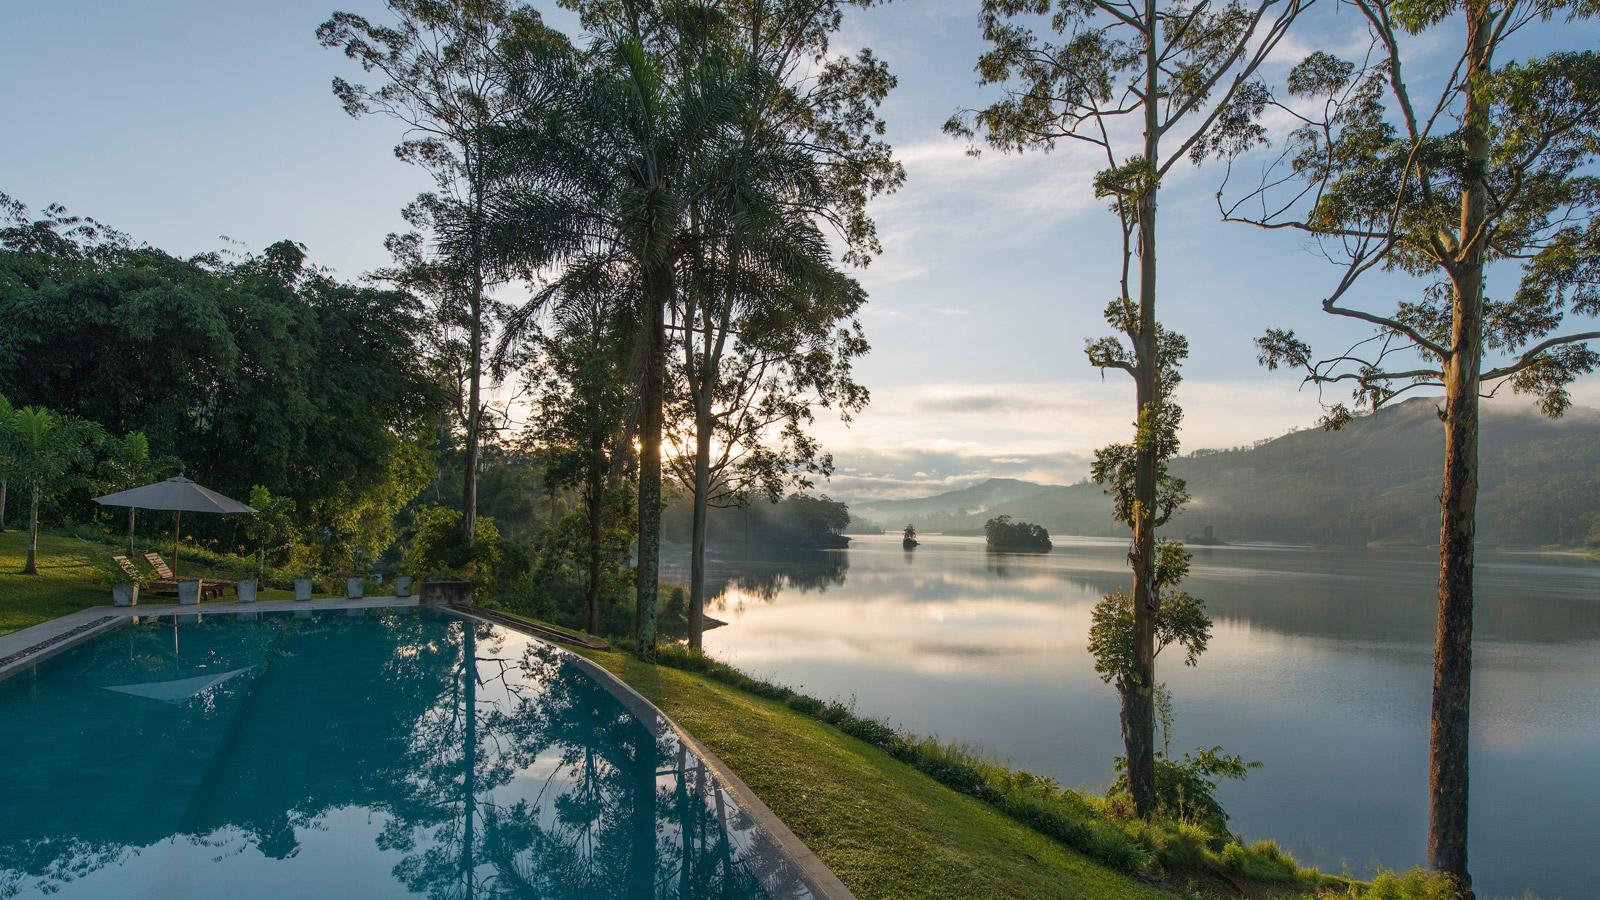 konyhasziget_ut_a_teahoz_summerville-bungalow-pool-castlereagh-lake.jpg